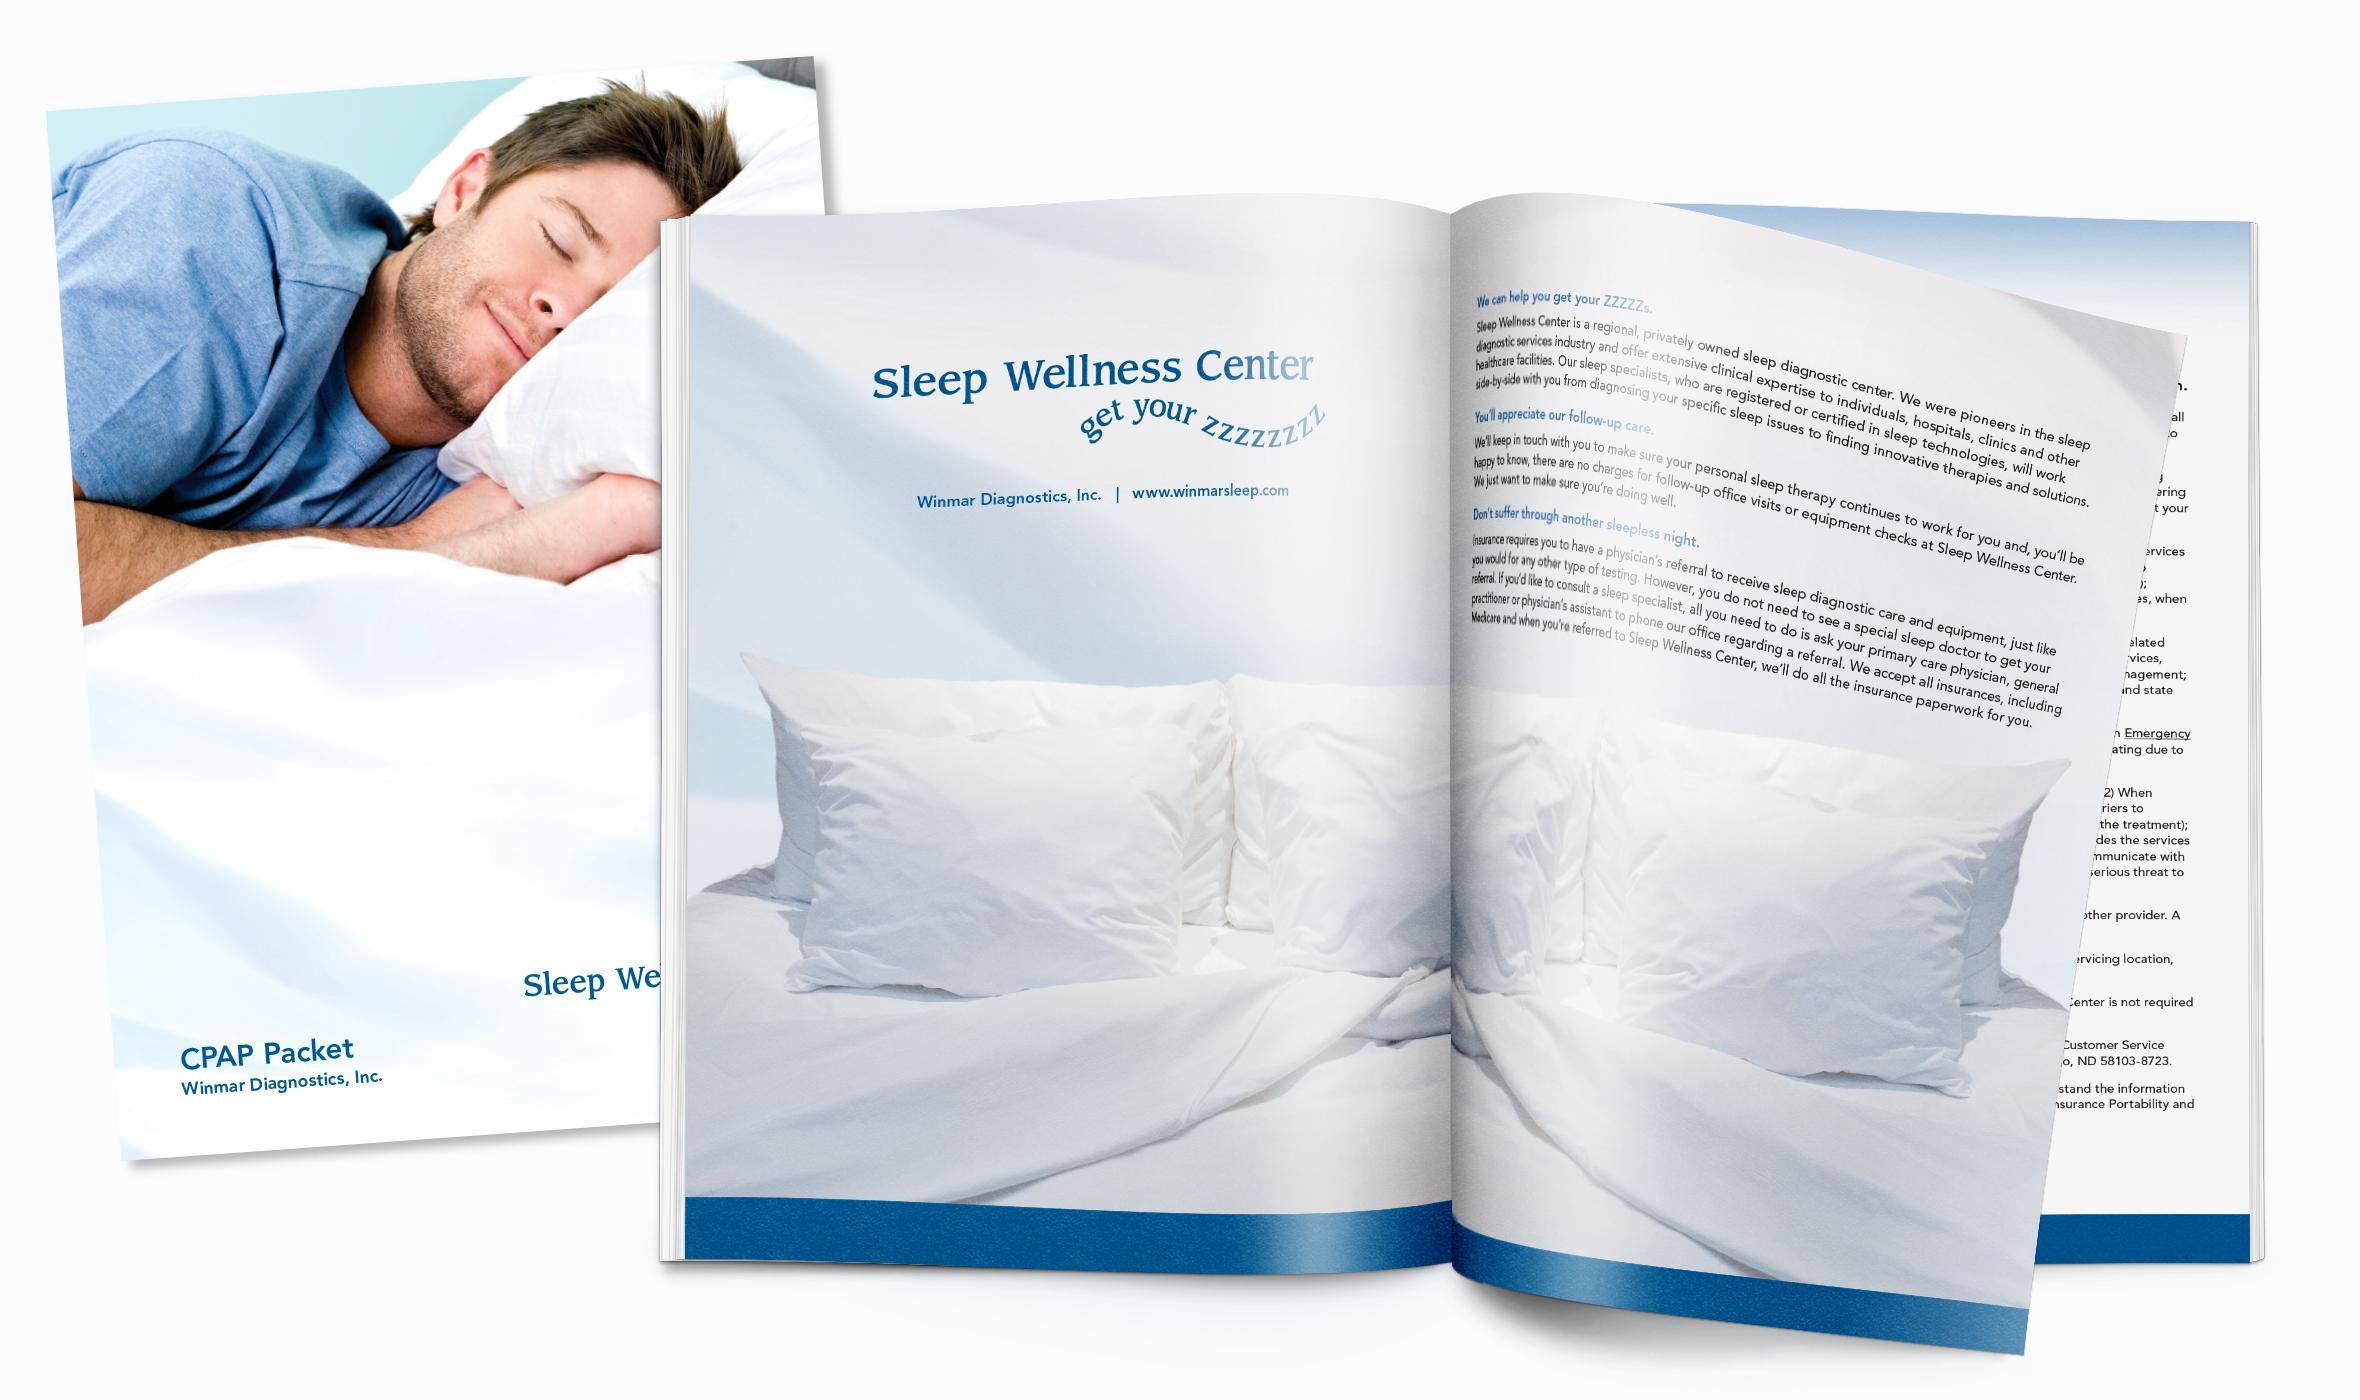 SleepWellnessCenter_CPAPPacket